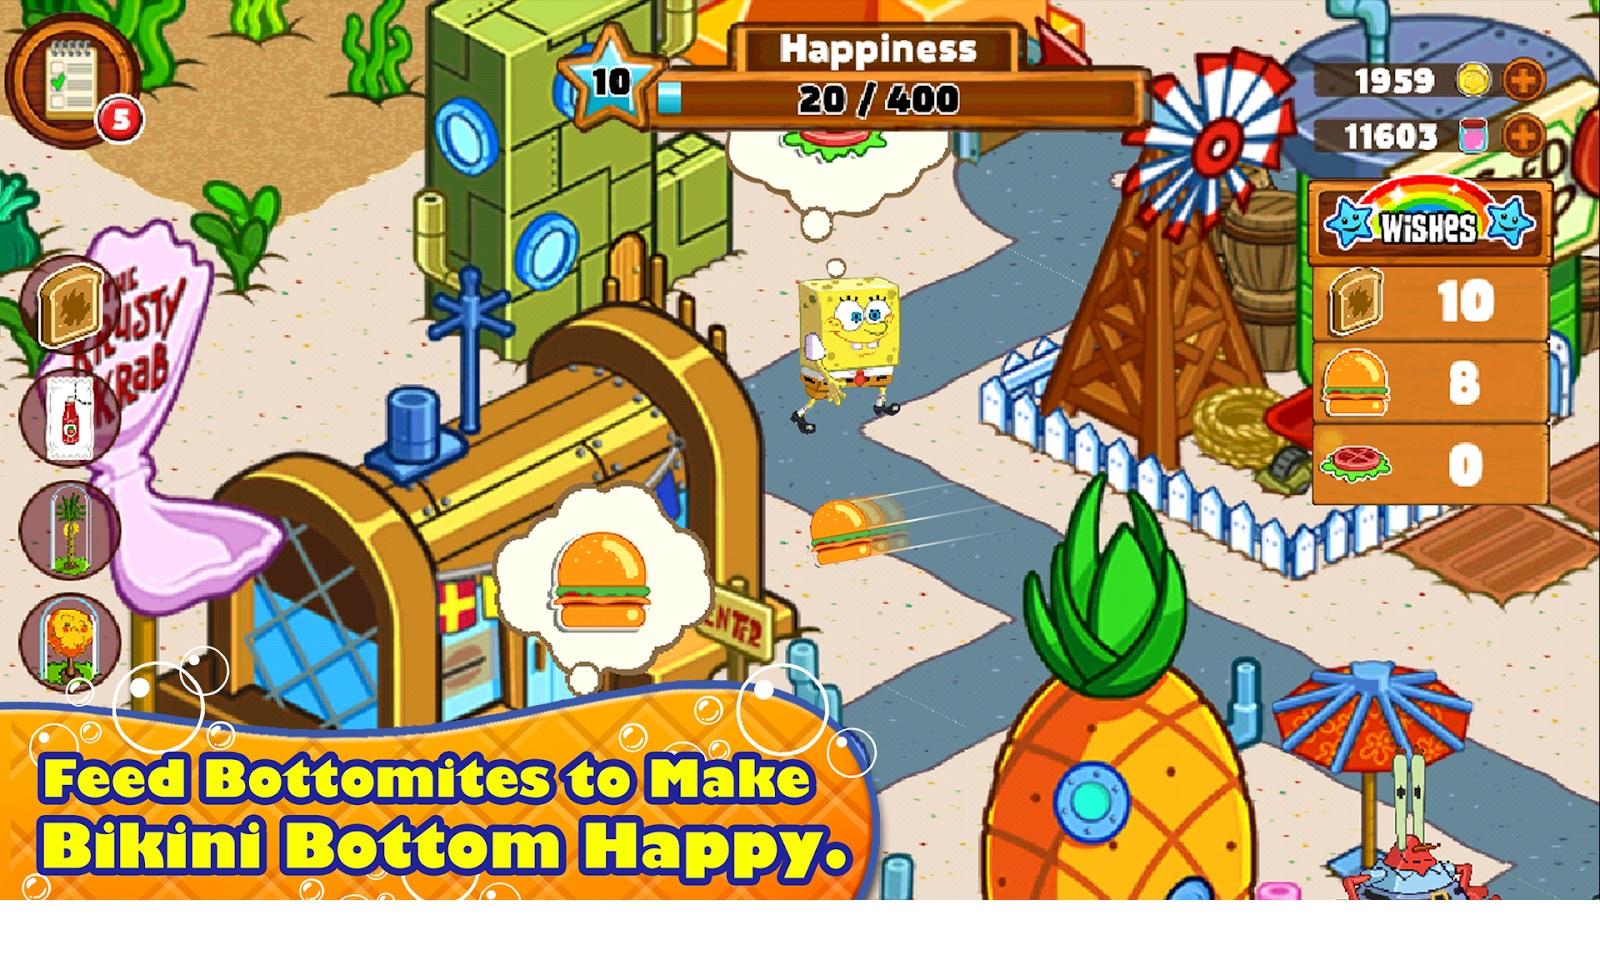 صور من داخل لعبة سبونج بوب SpongeBob -سبونج بوب يتجول